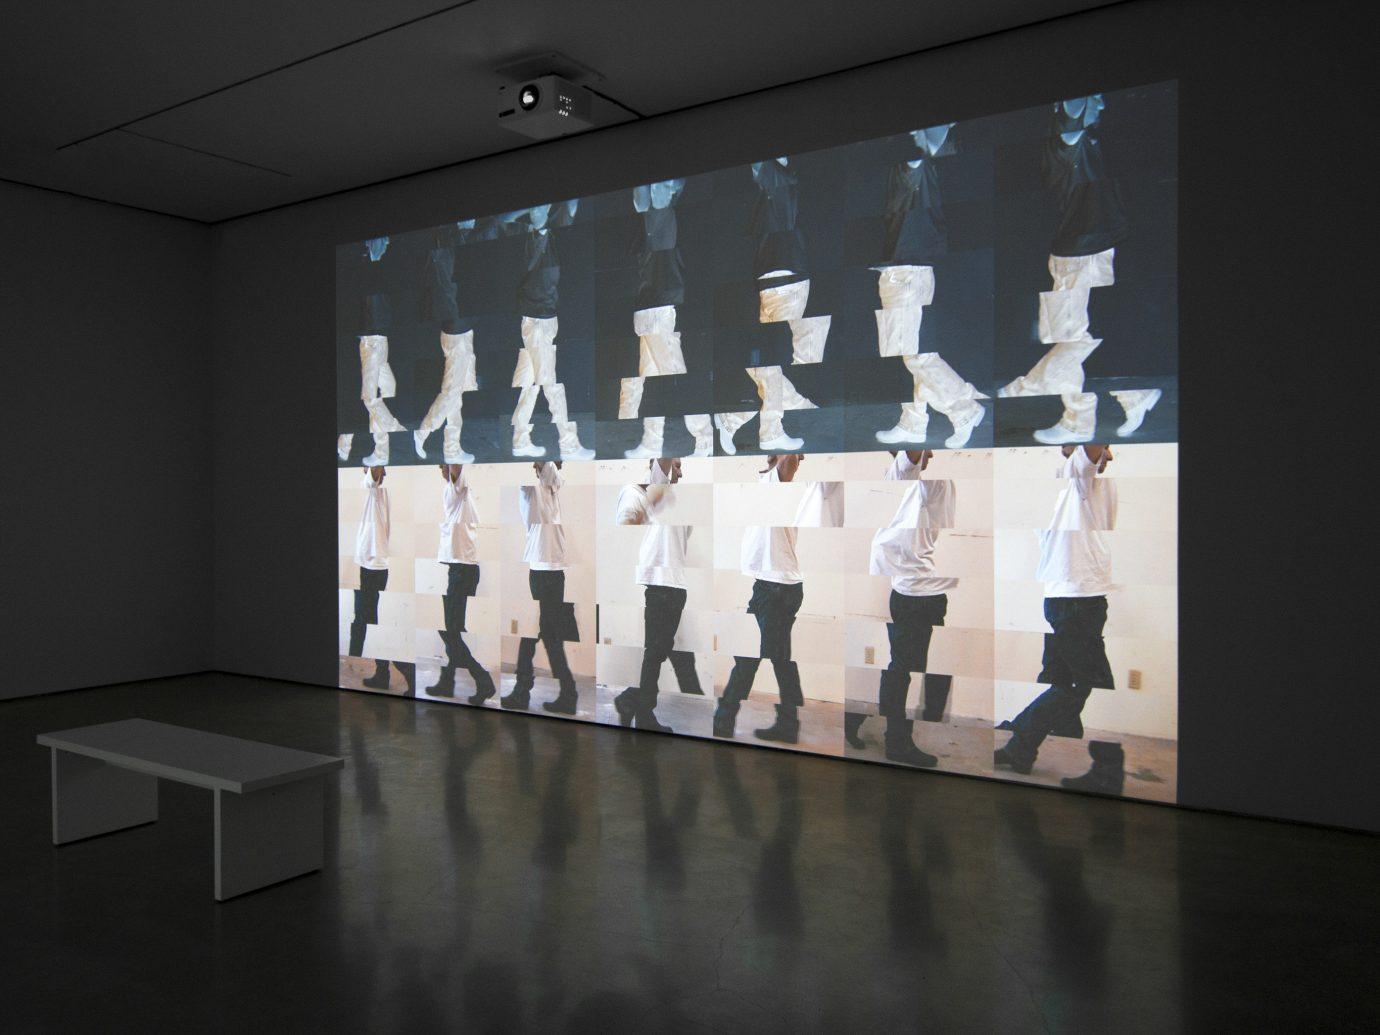 Trip Ideas indoor exhibition stage display window Design tourist attraction art gallery art exhibition